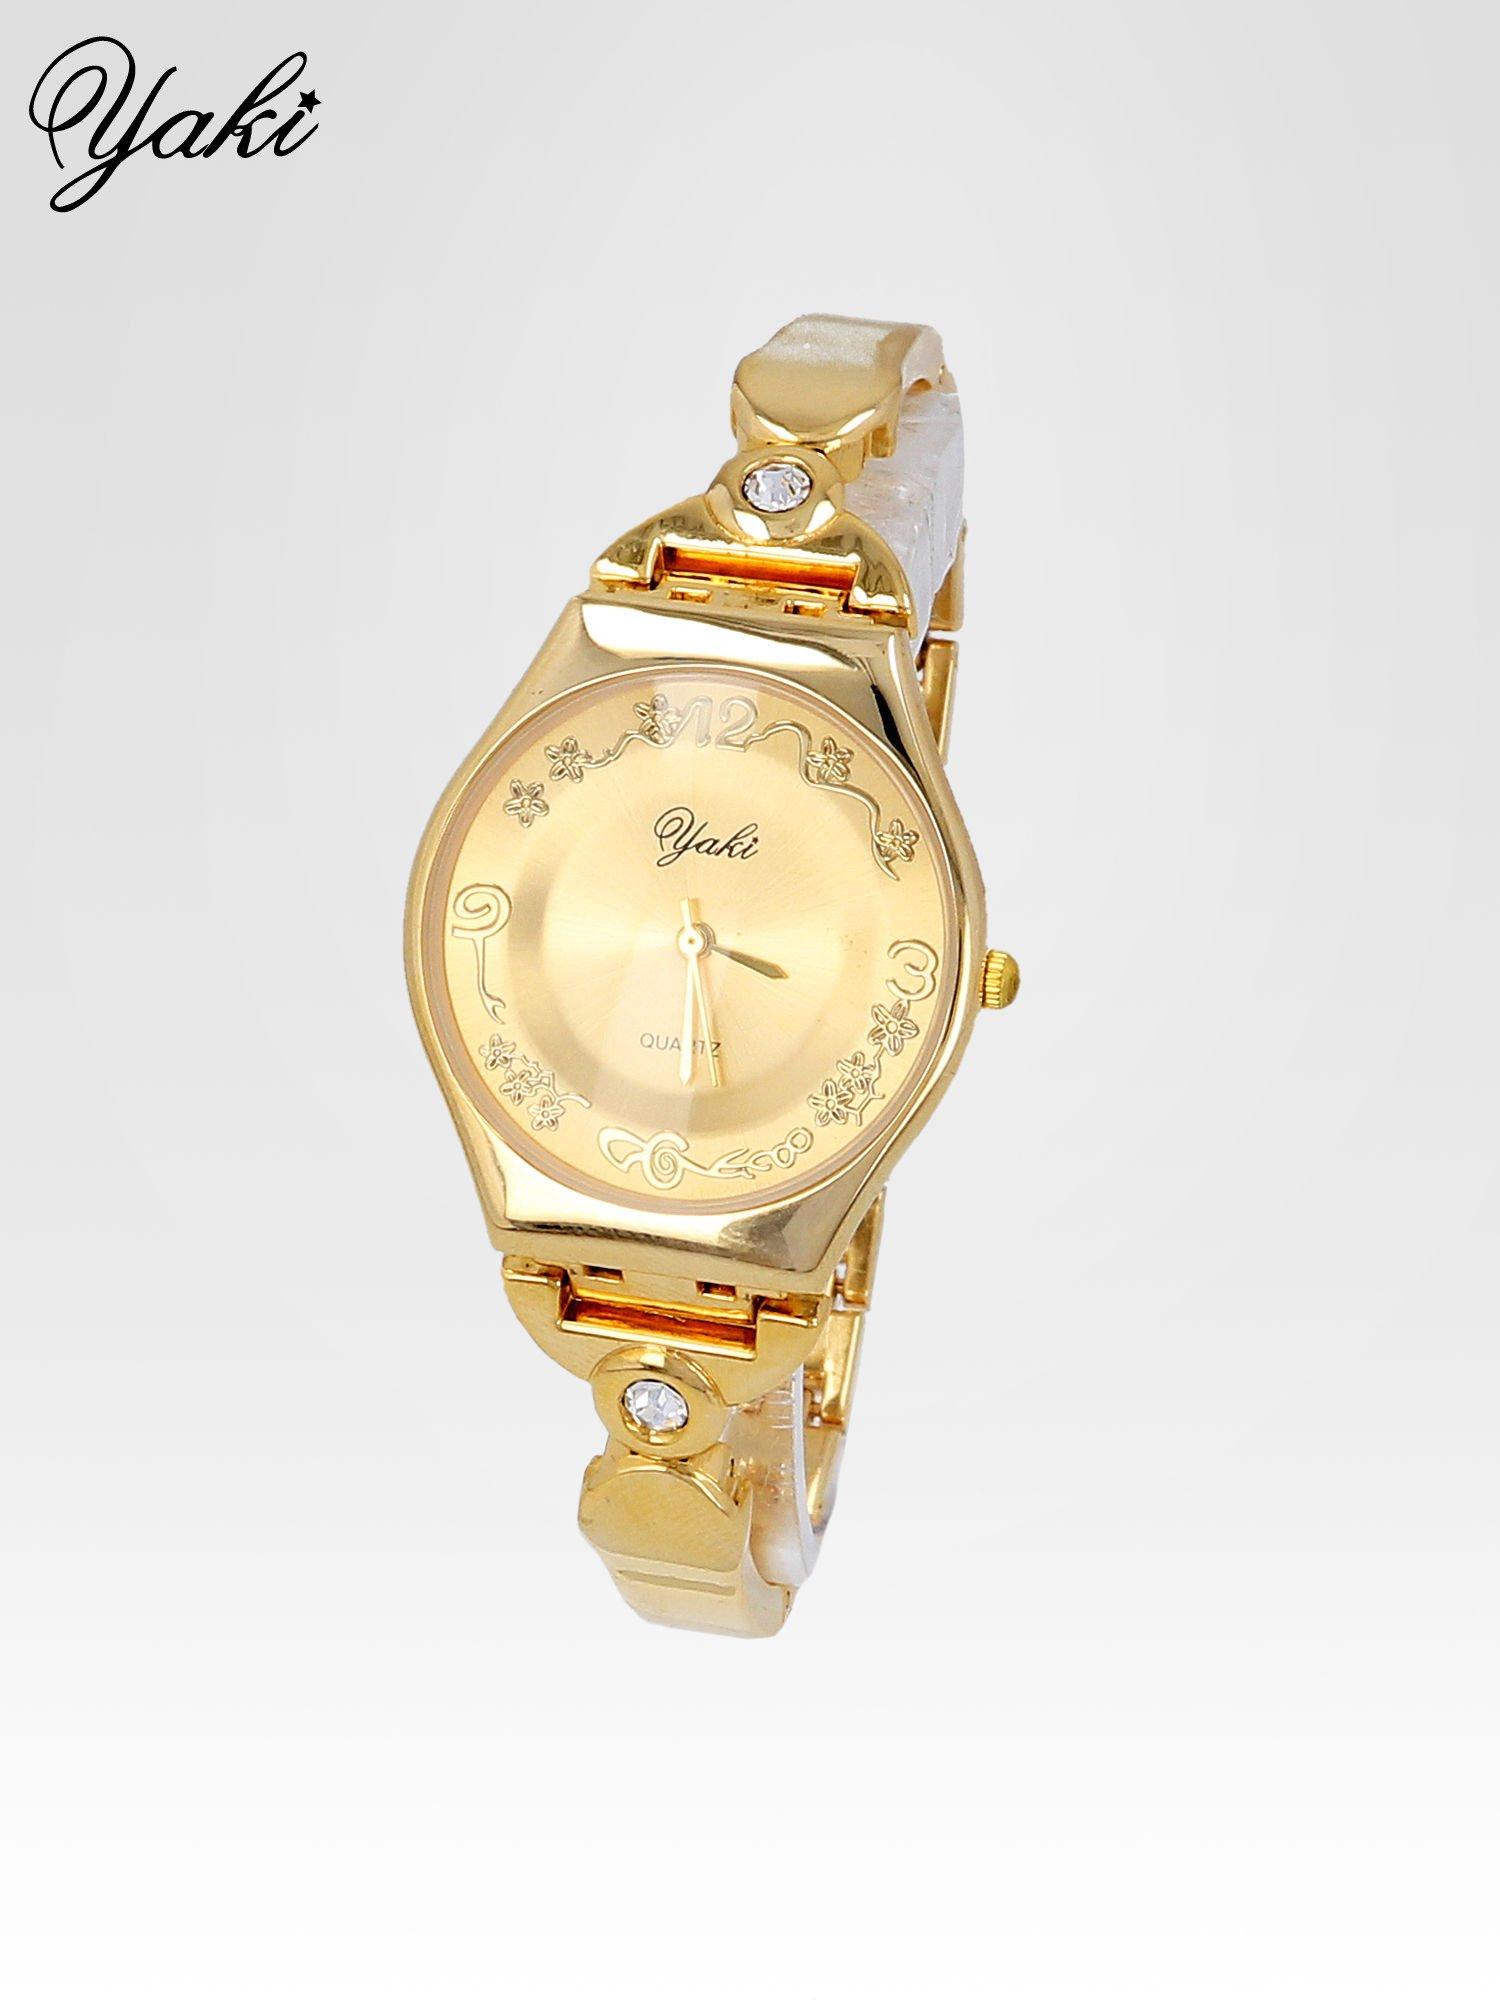 Złoty biżuteryjny zegarek damski                                  zdj.                                  2